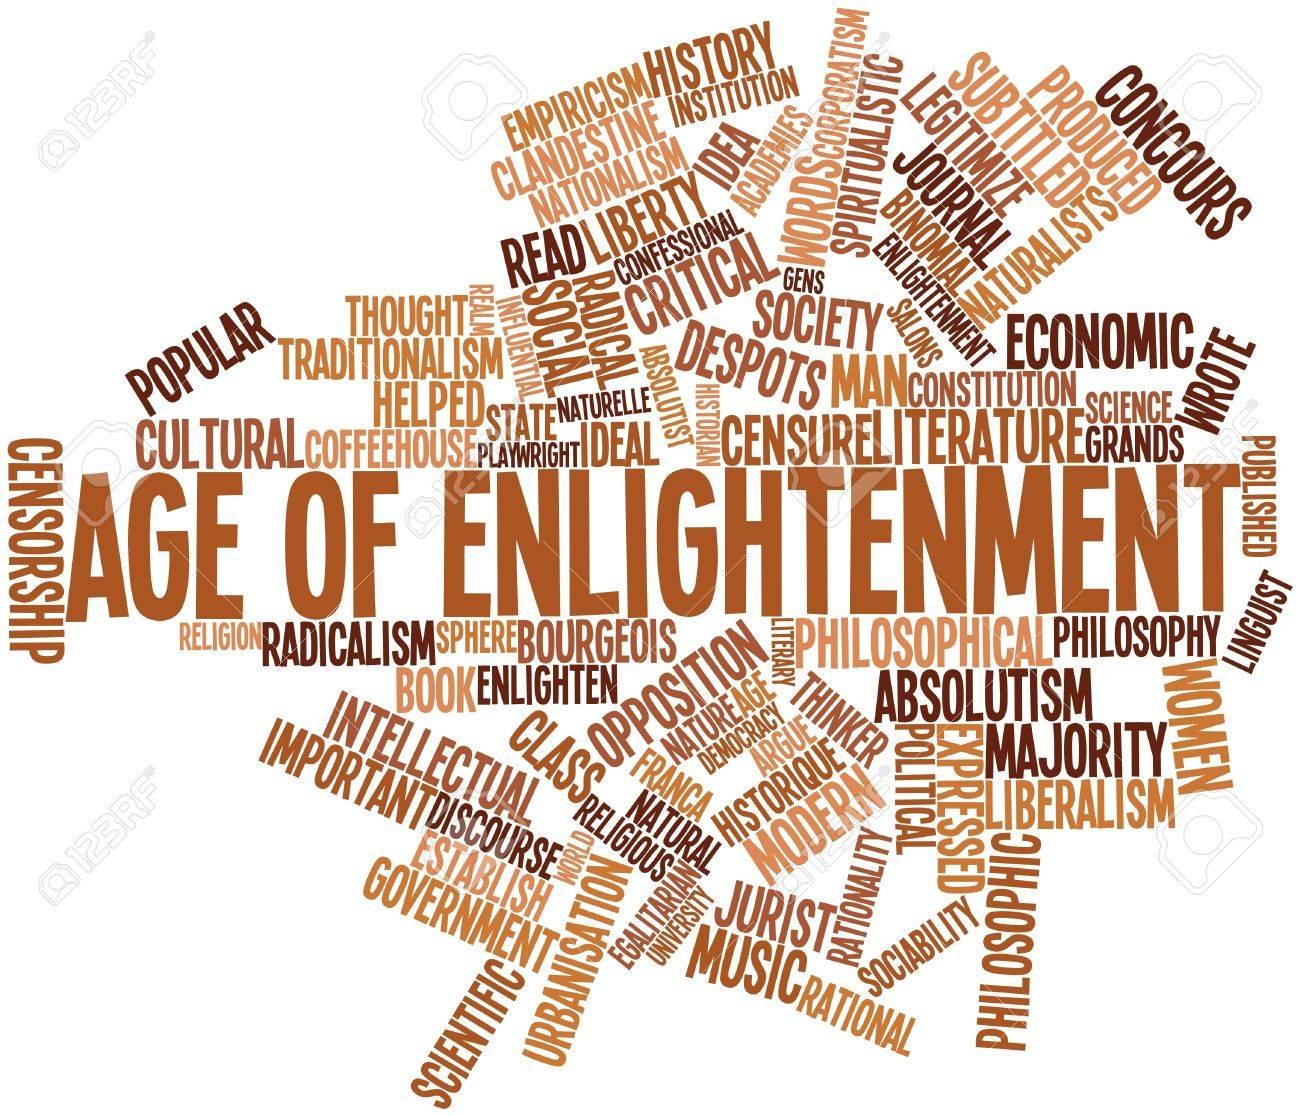 Resultado de imagen de age of enlightenment